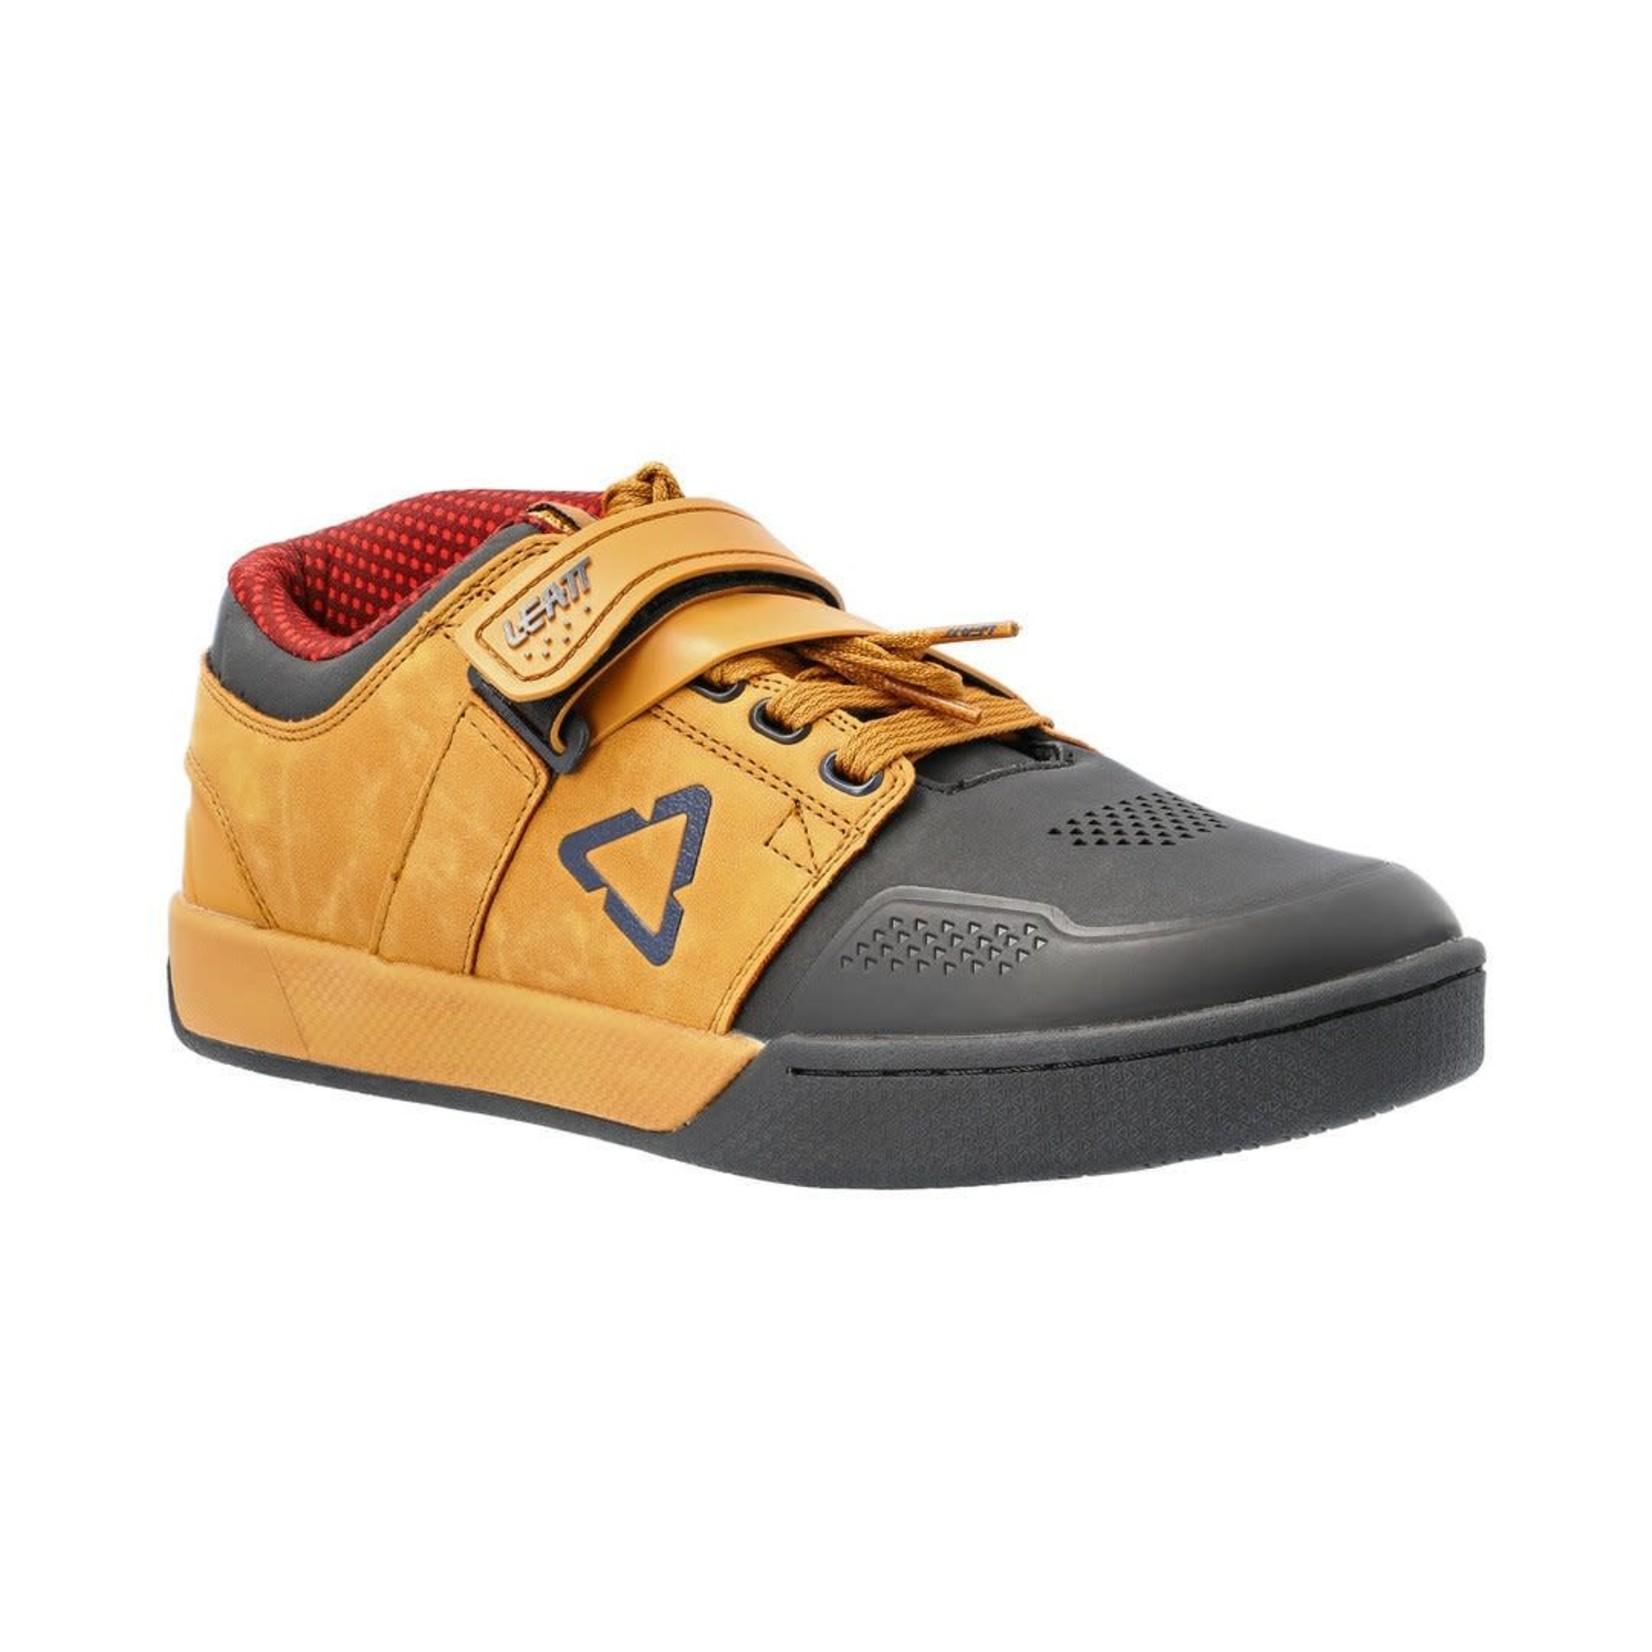 LEATT LEATT - scarpe DBX 3.0 CLIP sabbia